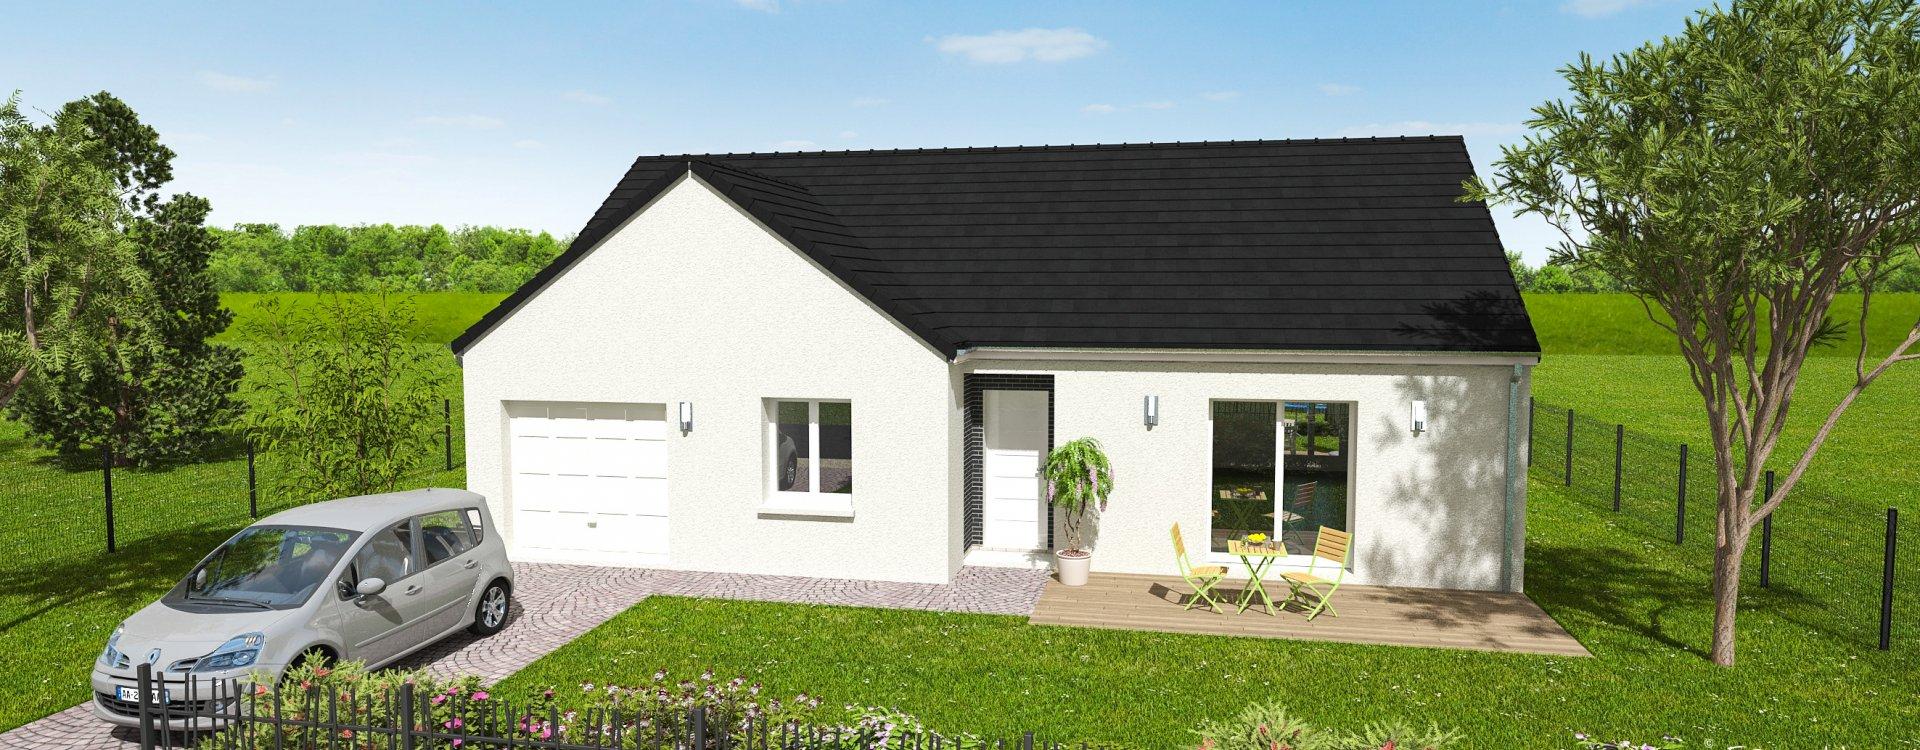 Maisons + Terrains du constructeur EASY HOUSE • 90 m² • VENNECY